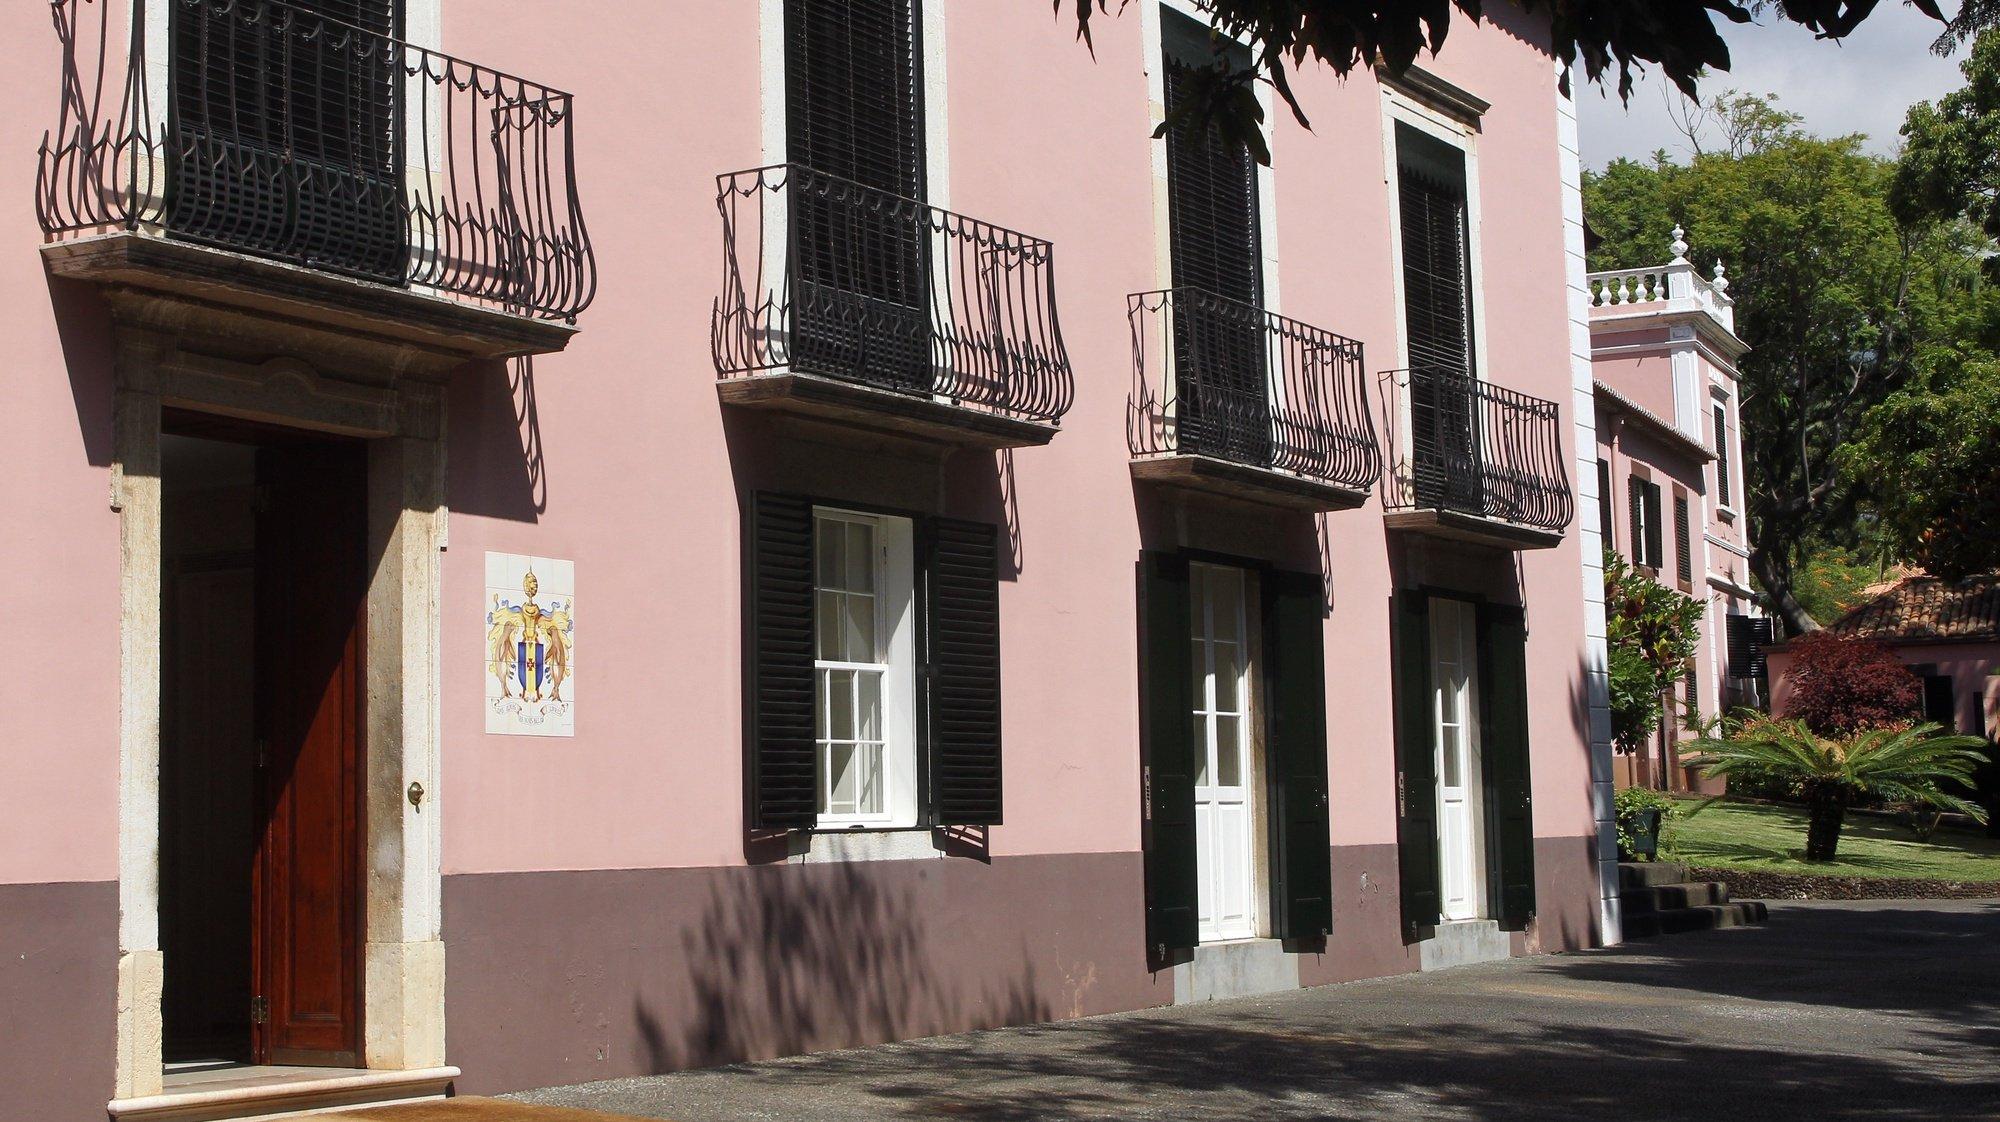 A Quinta Vigia, é atualmente a residência oficial do Governo Regional da Madeira, Funchal, Ilha da Madeira, 17 de março de 2021. A Quinta Vigia, é também conhecida como Quinta das Angústias e Quinta Lambert. HOMEM GOUVEIA/LUSA